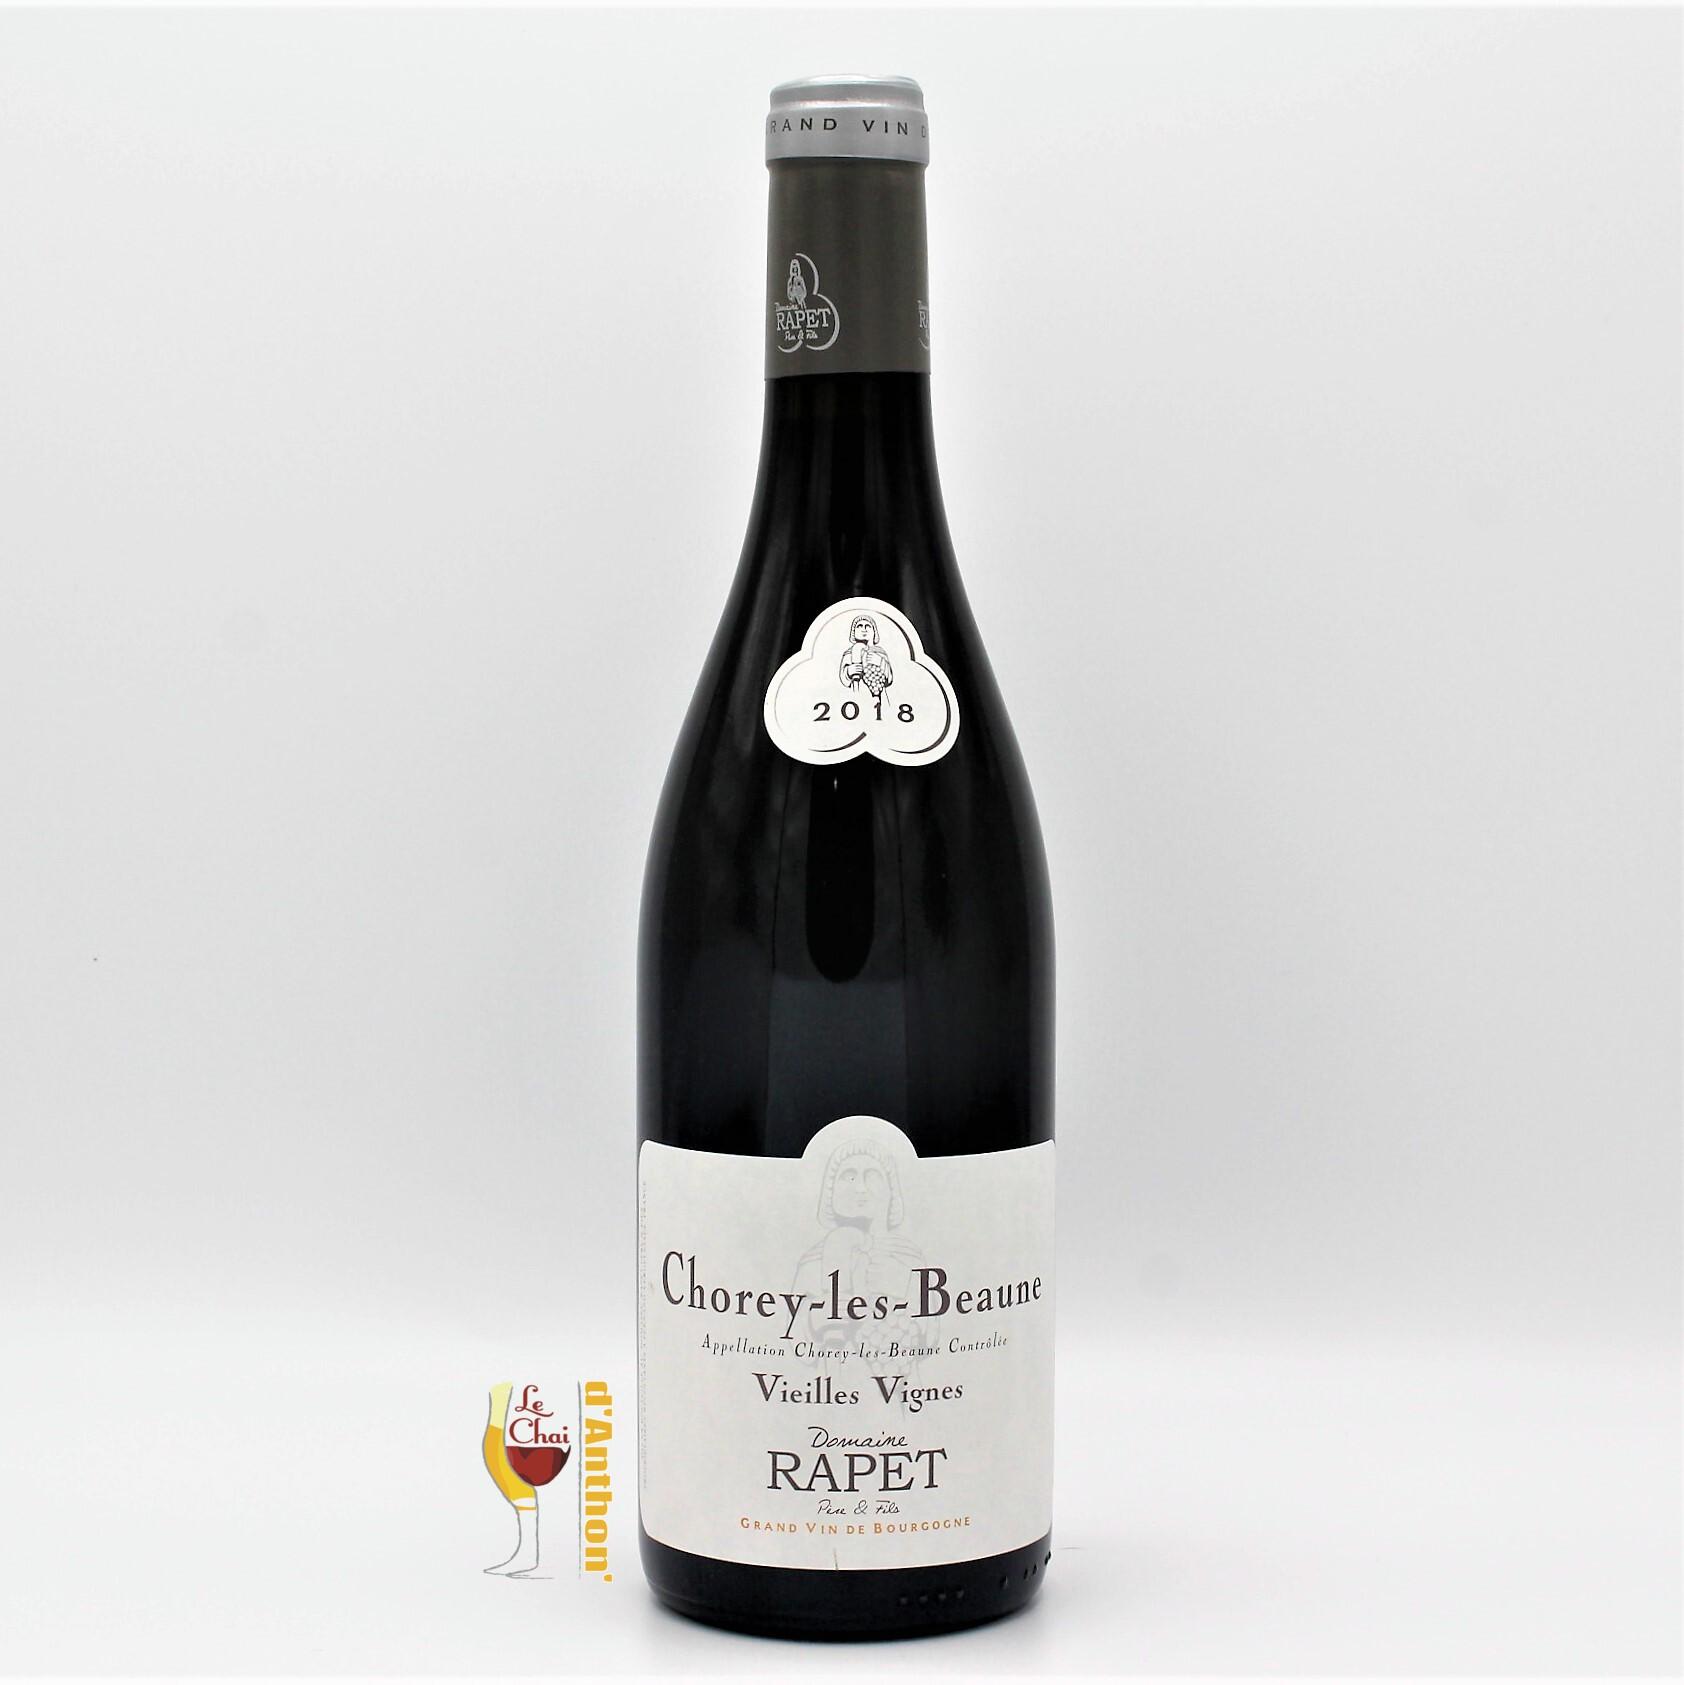 Vin Bouteille Rouge Bourgogne Chorey Les Beaune Rapet 75cl